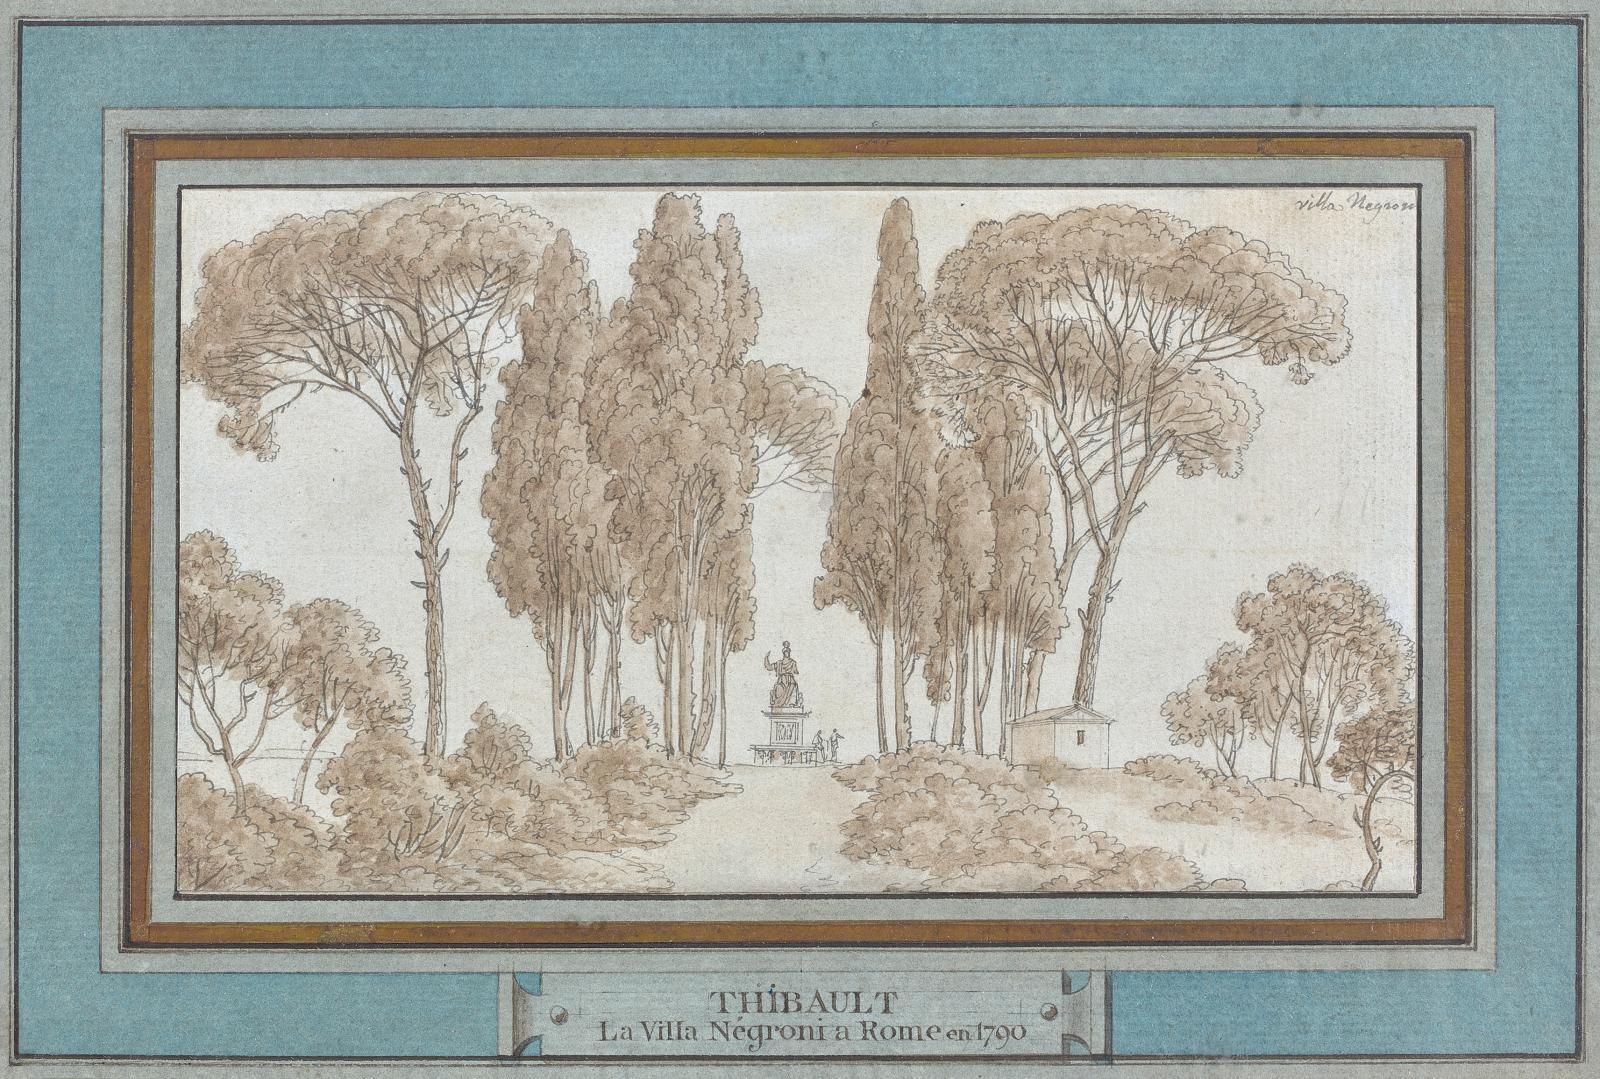 Jean-Thomas Thibault (1757-1826), La Villa Negroni à Rome,1790, plume et encre noire et grise, lavis brun, 9x16cm.Paris, Drouot, 31 m